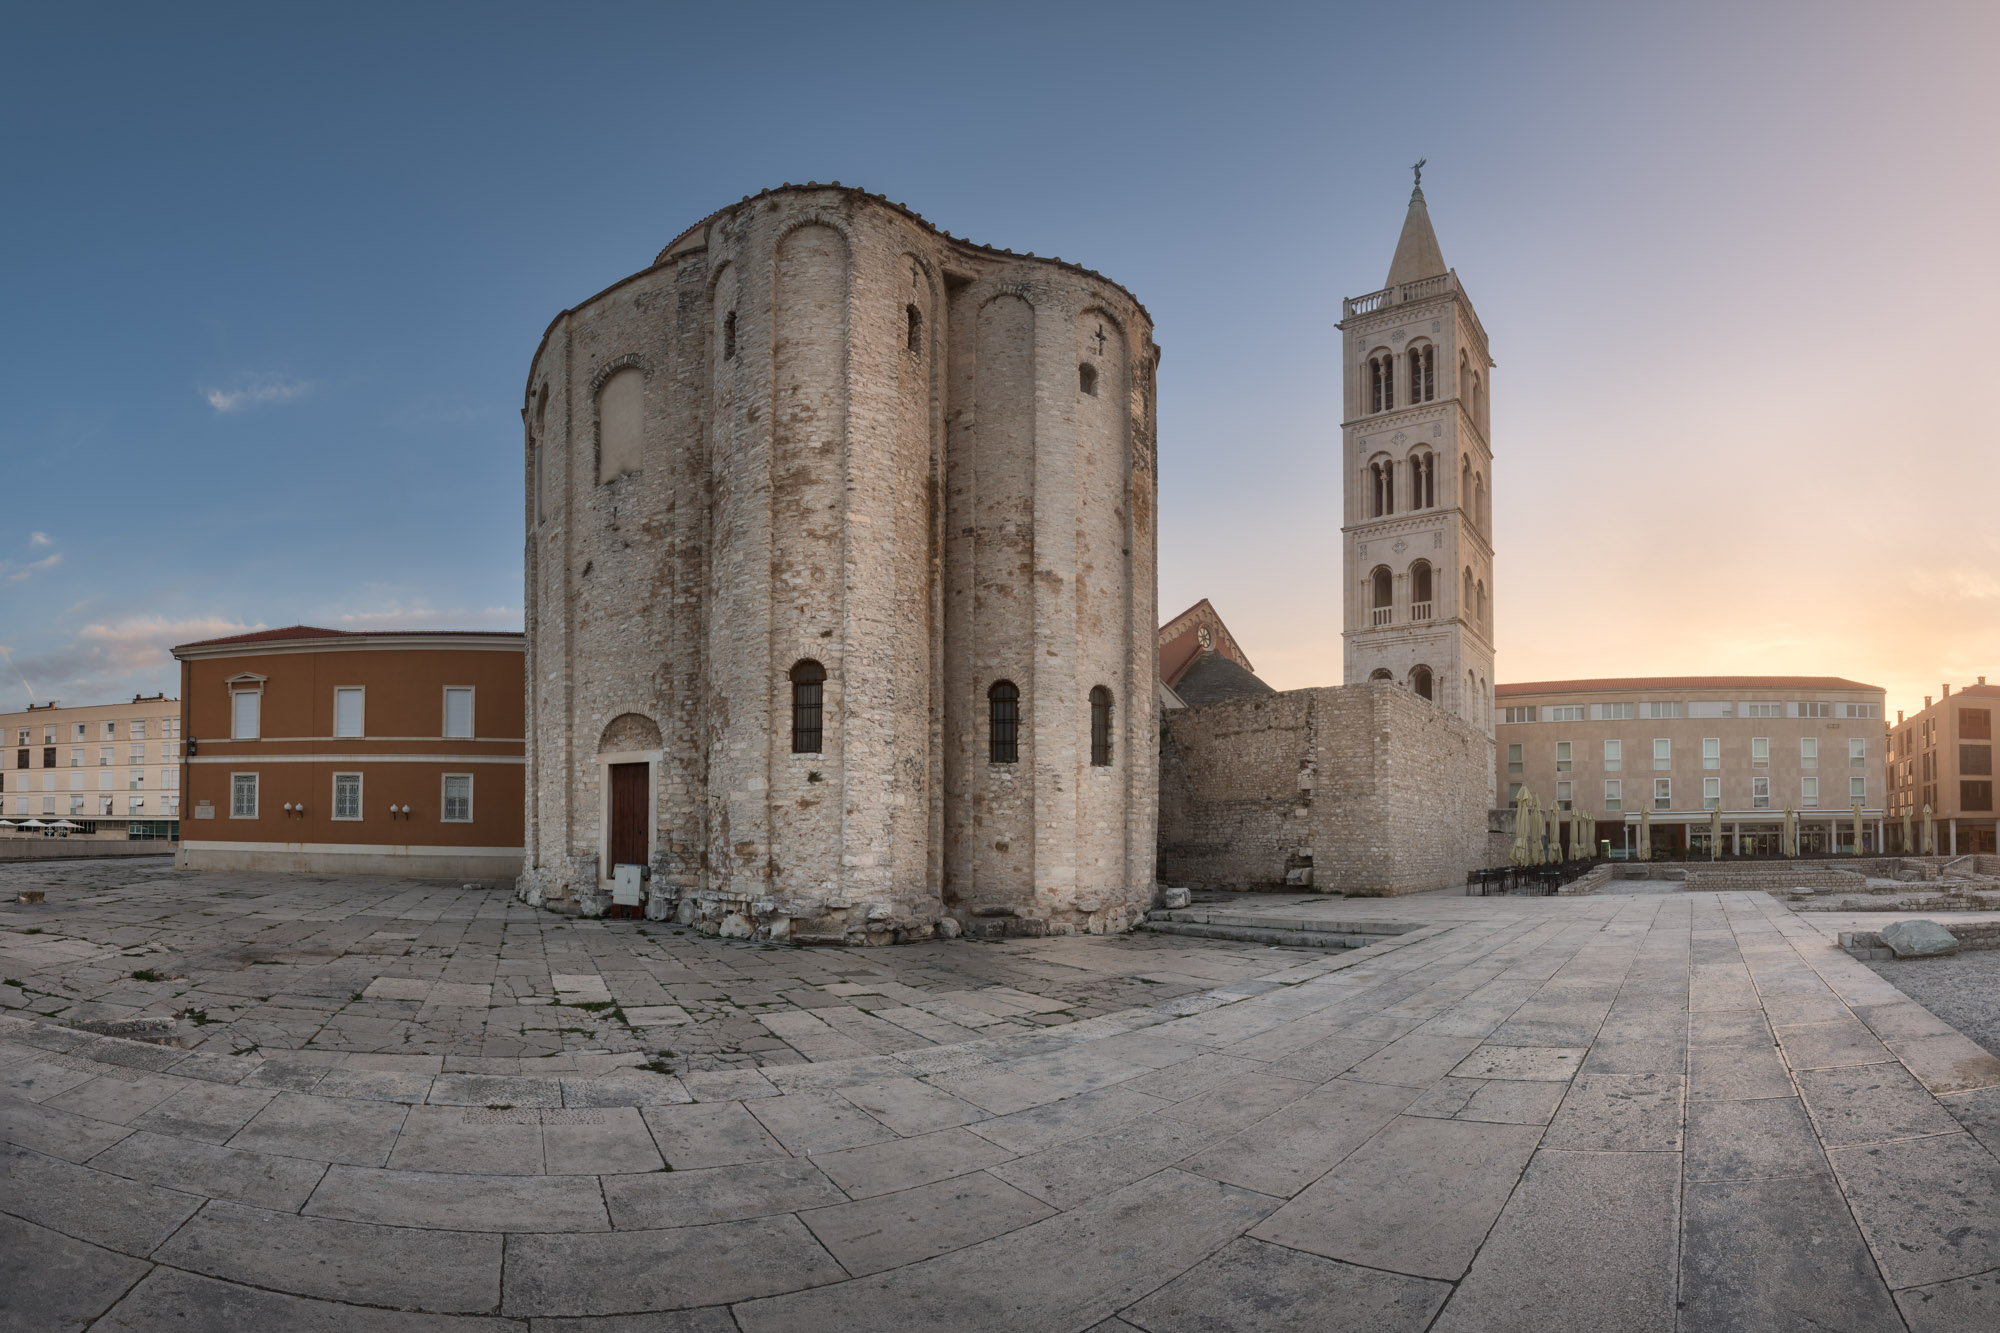 Saint Donatus Church, Zadar, Croatia